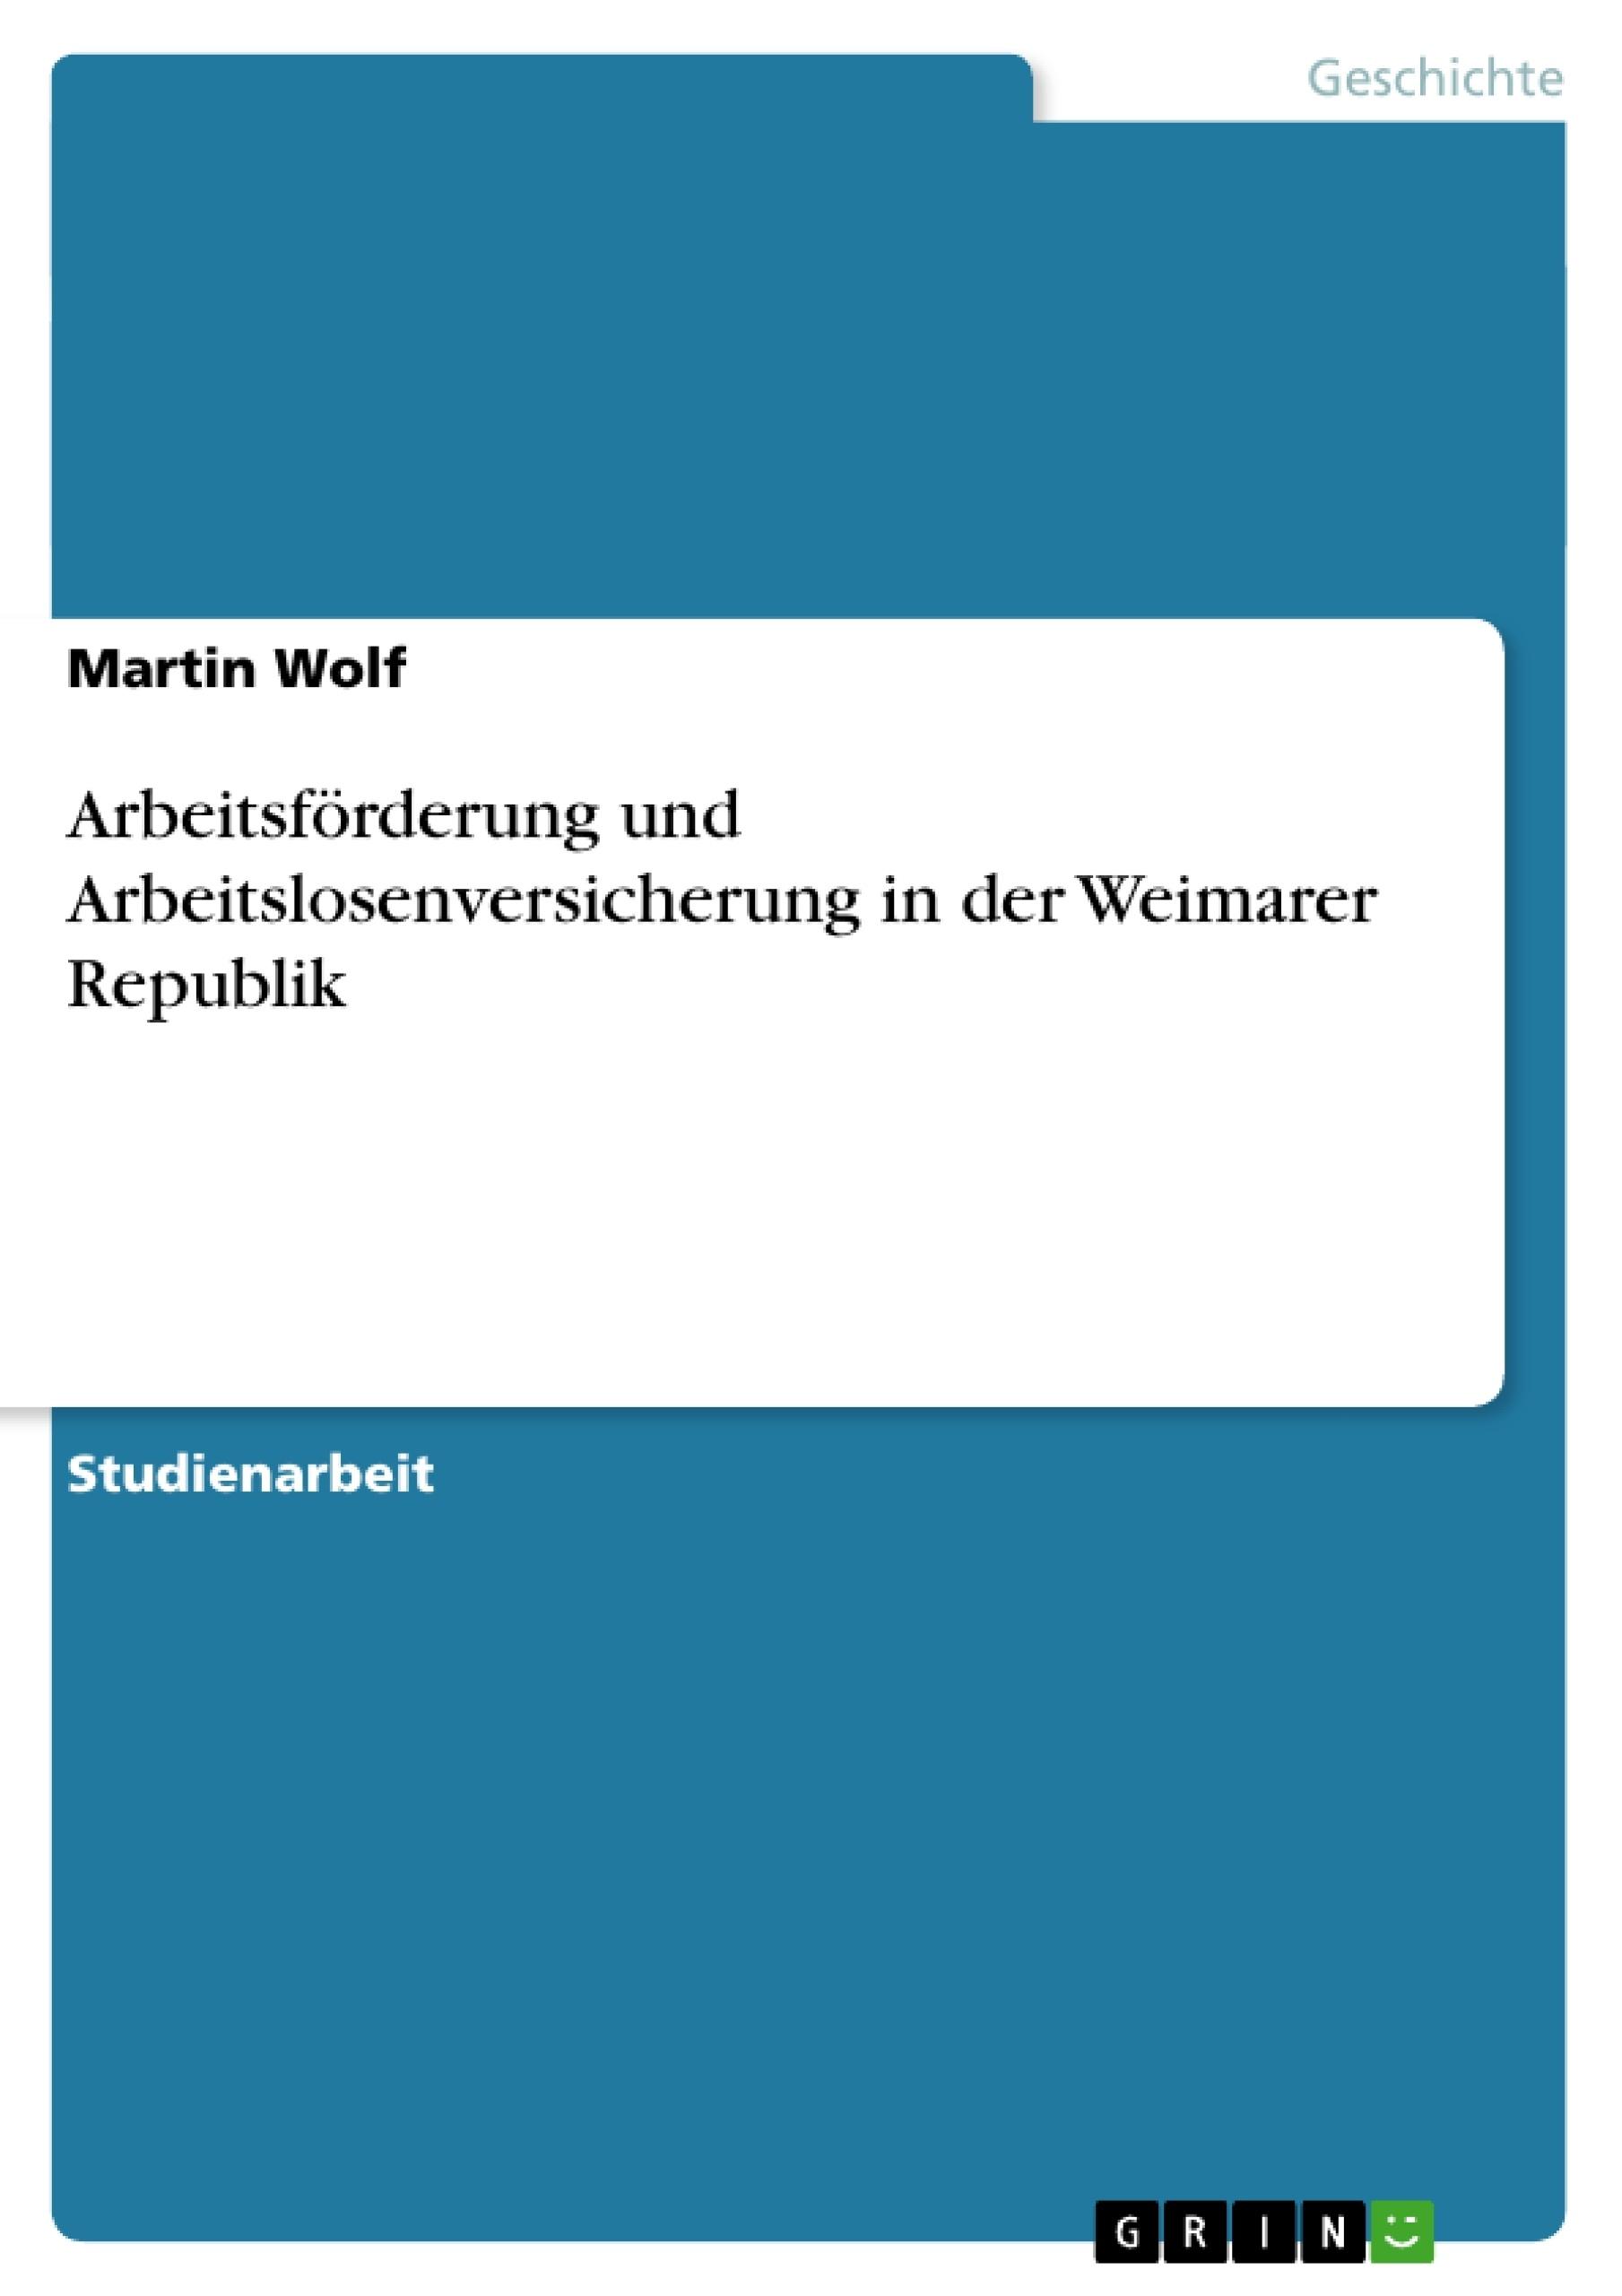 Titel: Arbeitsförderung und Arbeitslosenversicherung in der Weimarer Republik